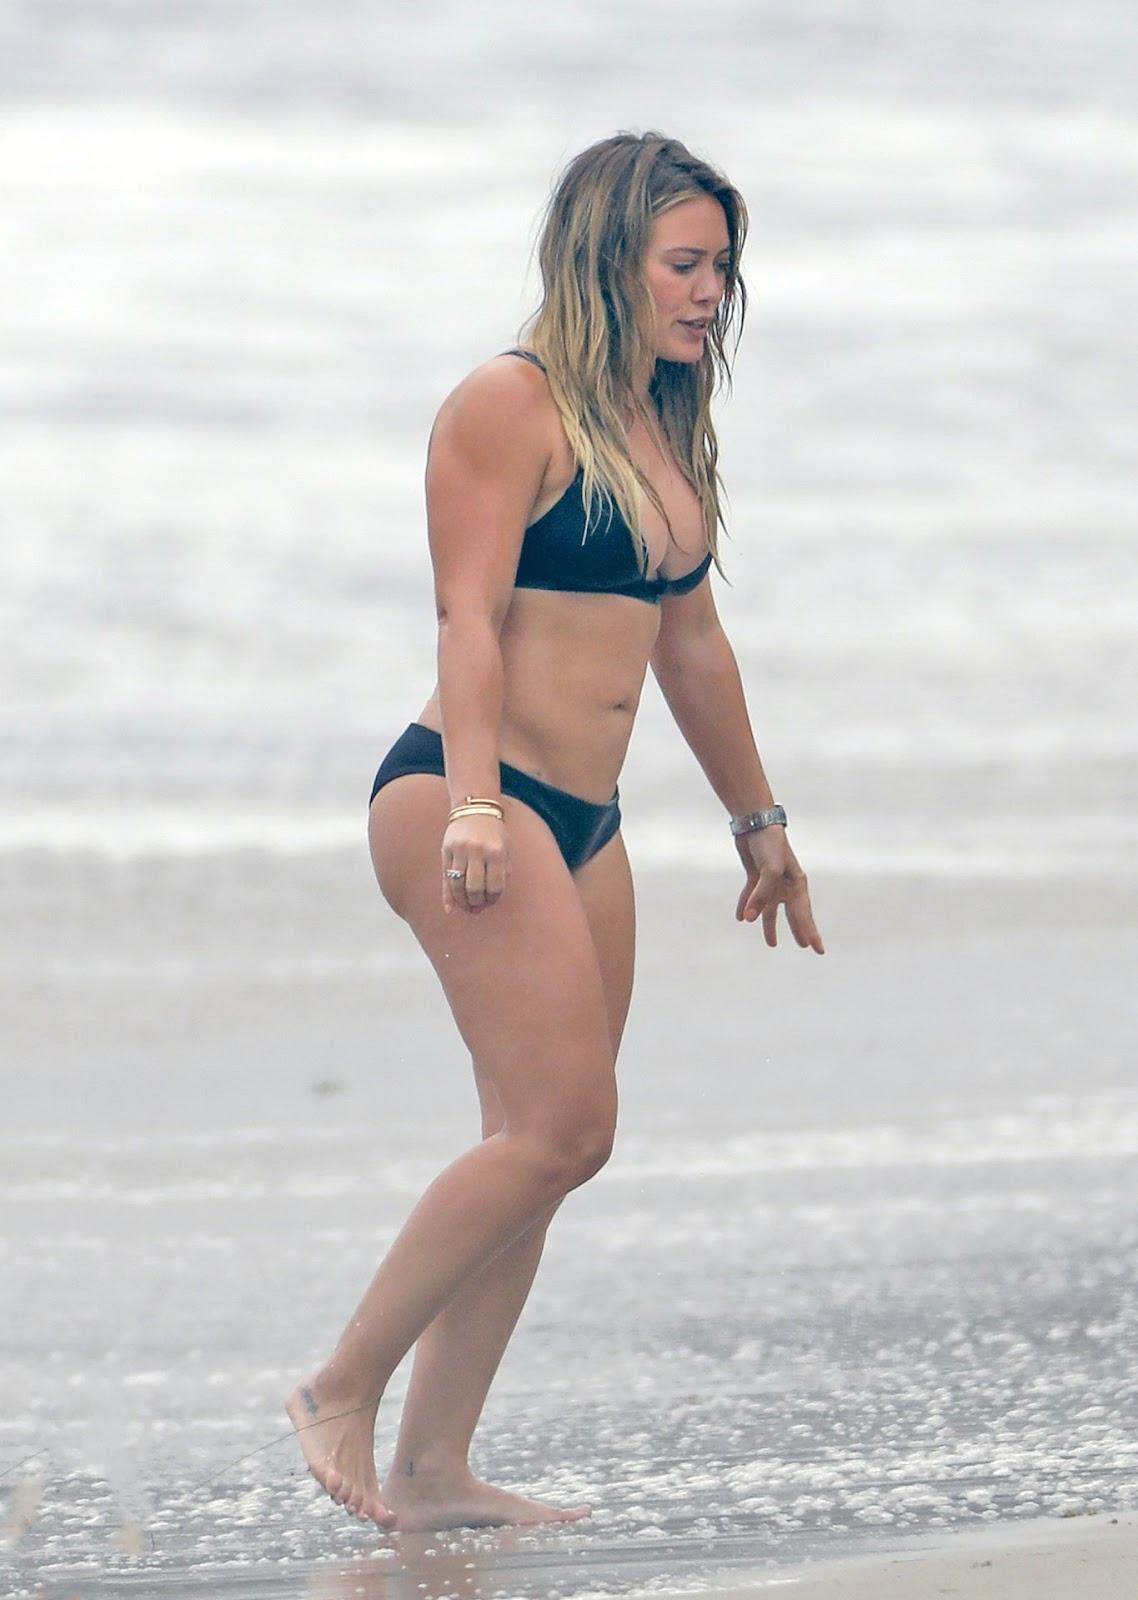 Cleavage Monique Alfradique nudes (41 photos), Tits, Leaked, Selfie, swimsuit 2015